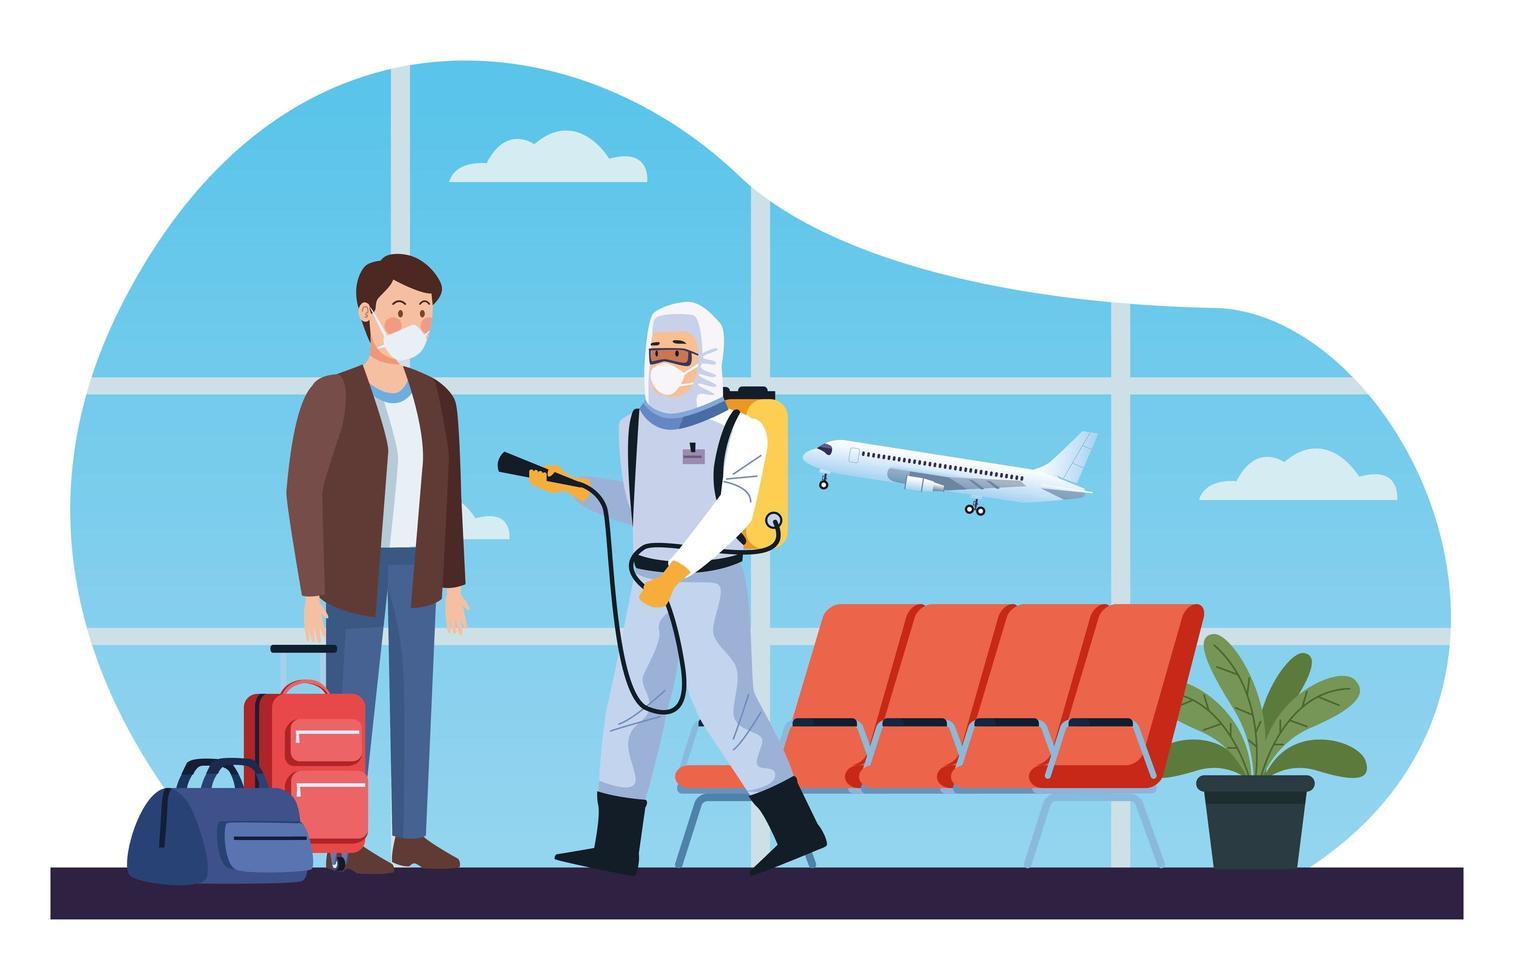 Desinfektionsflughafen für Biosicherheitsarbeiter für Covid 19 vektor